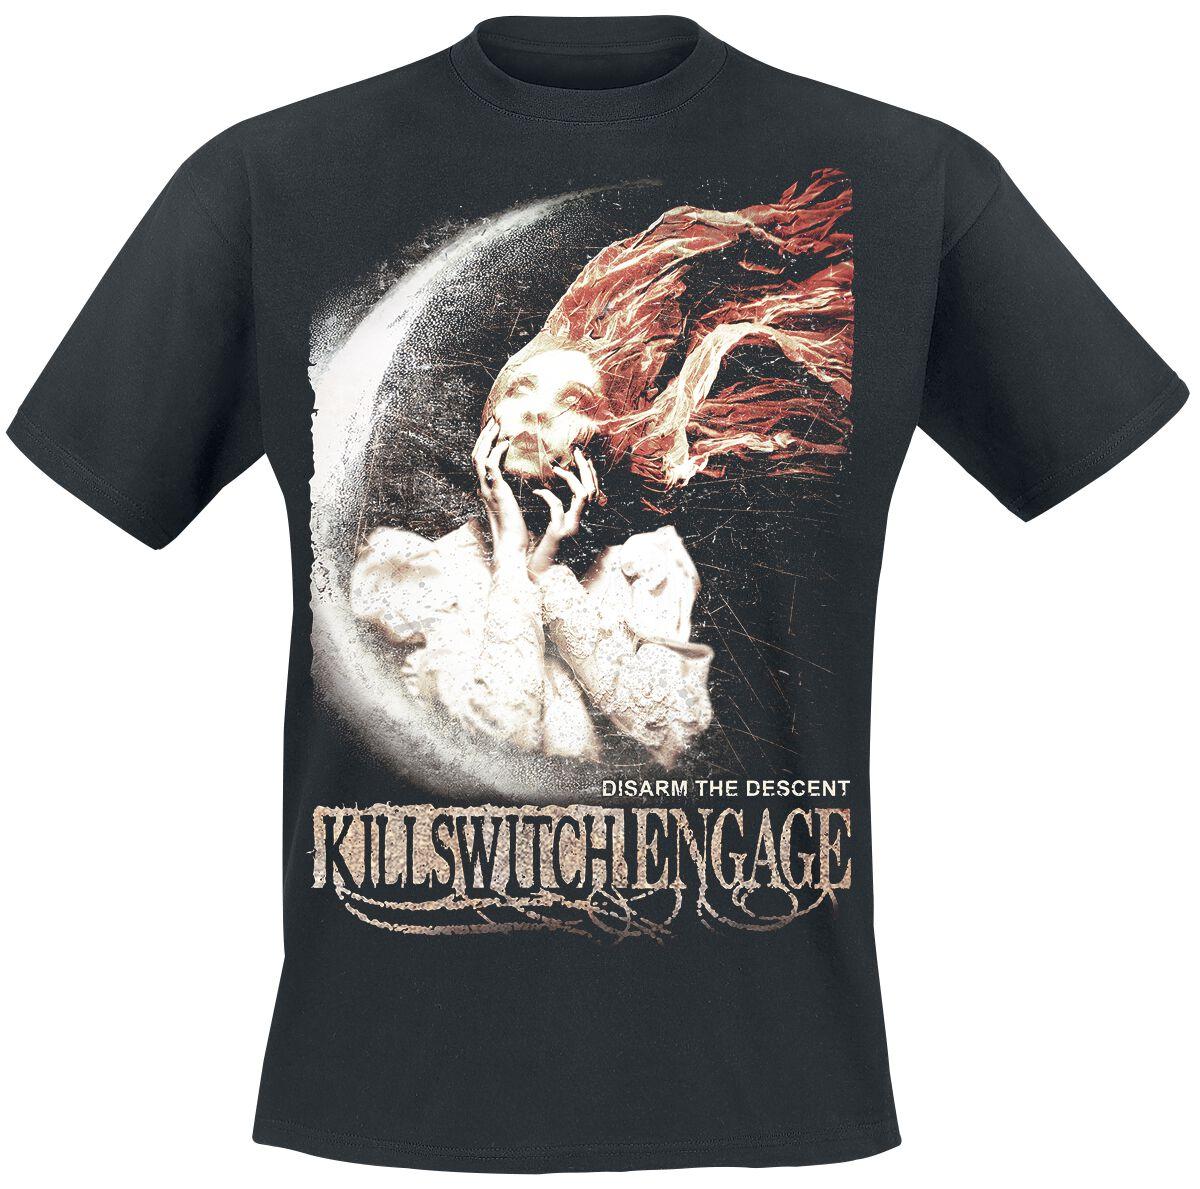 Zespoły - Koszulki - T-Shirt Killswitch Engage Disarm the descent T-Shirt czarny - 364415